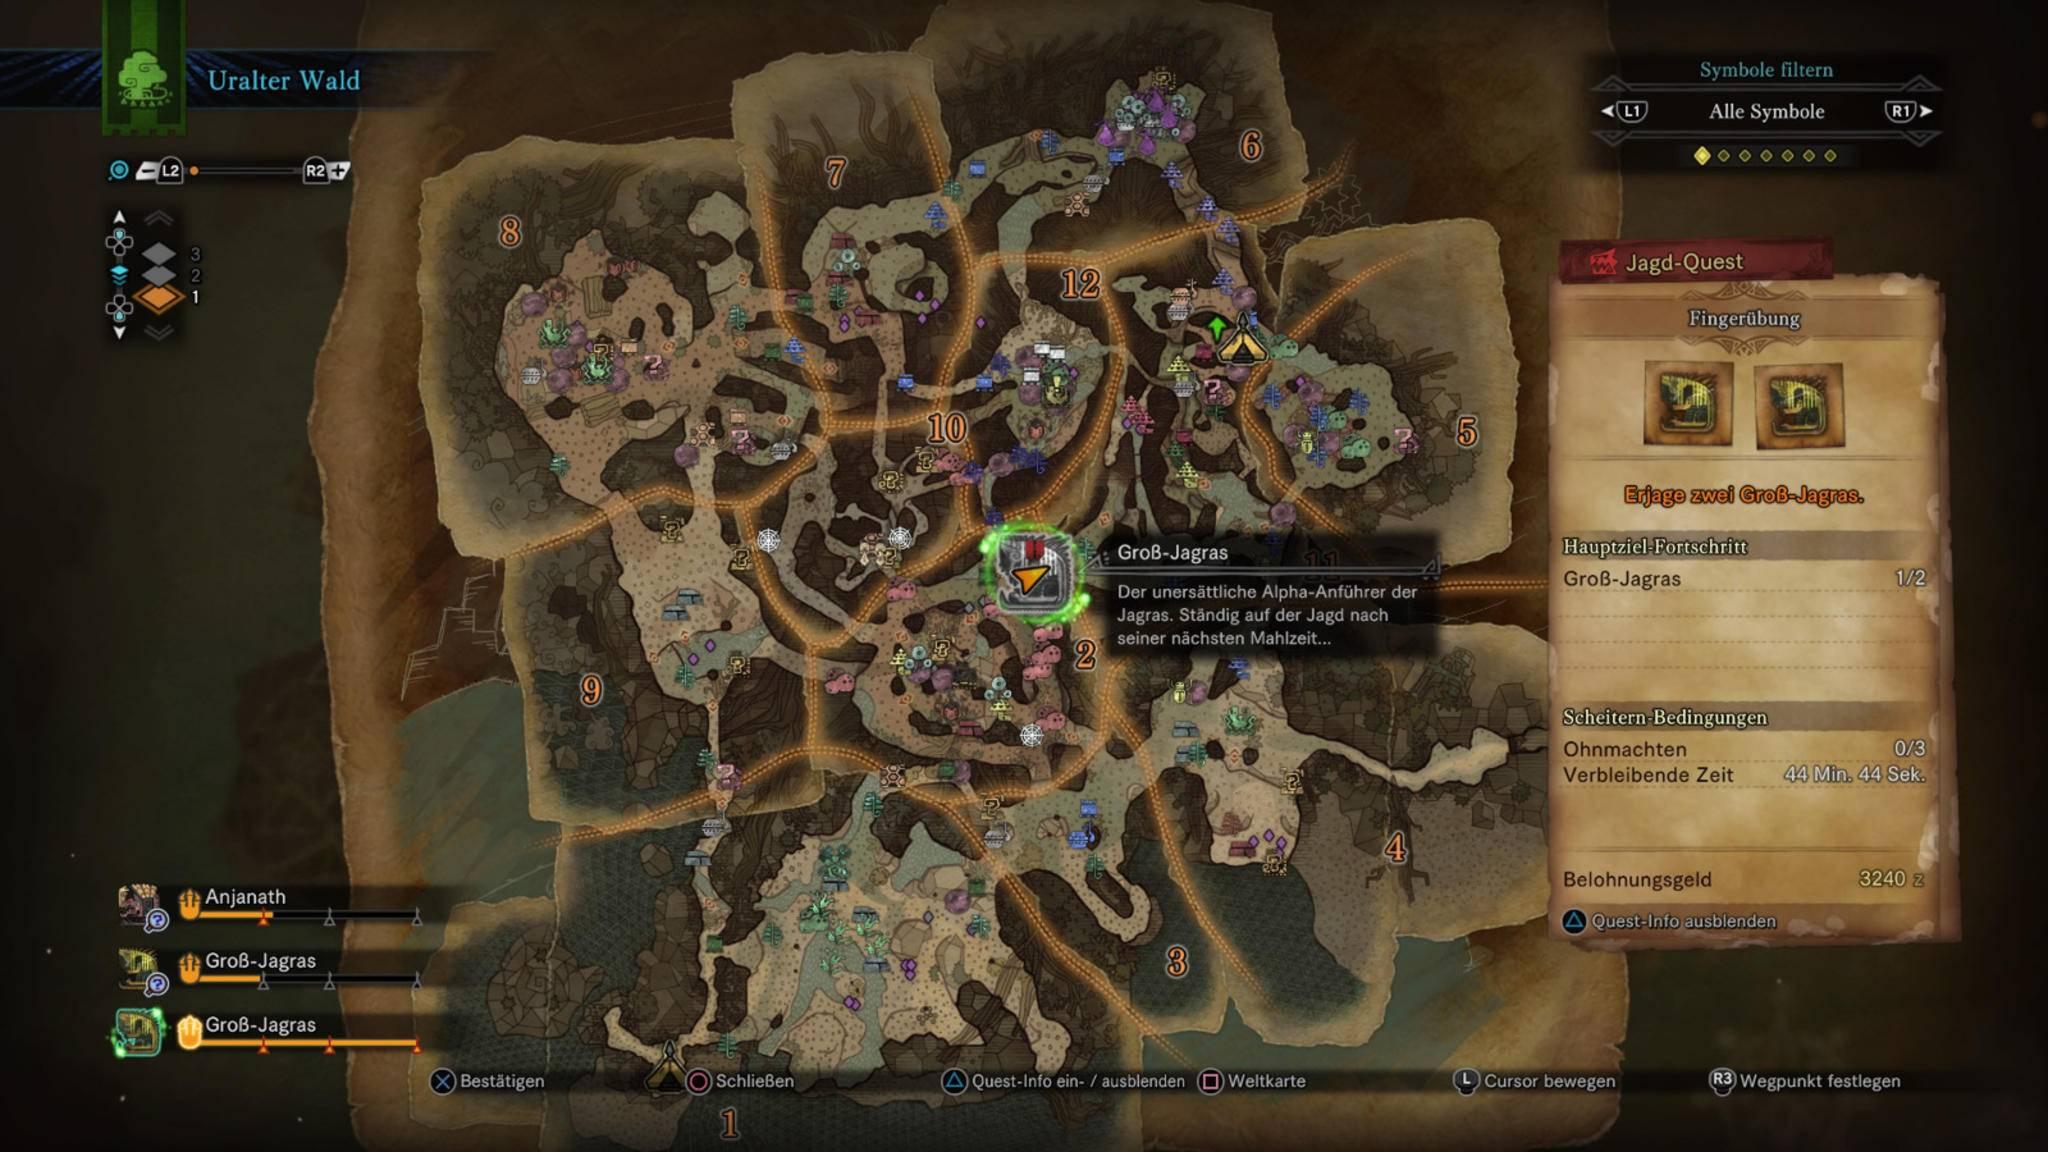 Bis man durch die Markierungen auf der Karte durchblickt, vergehen einige Spielstunden.